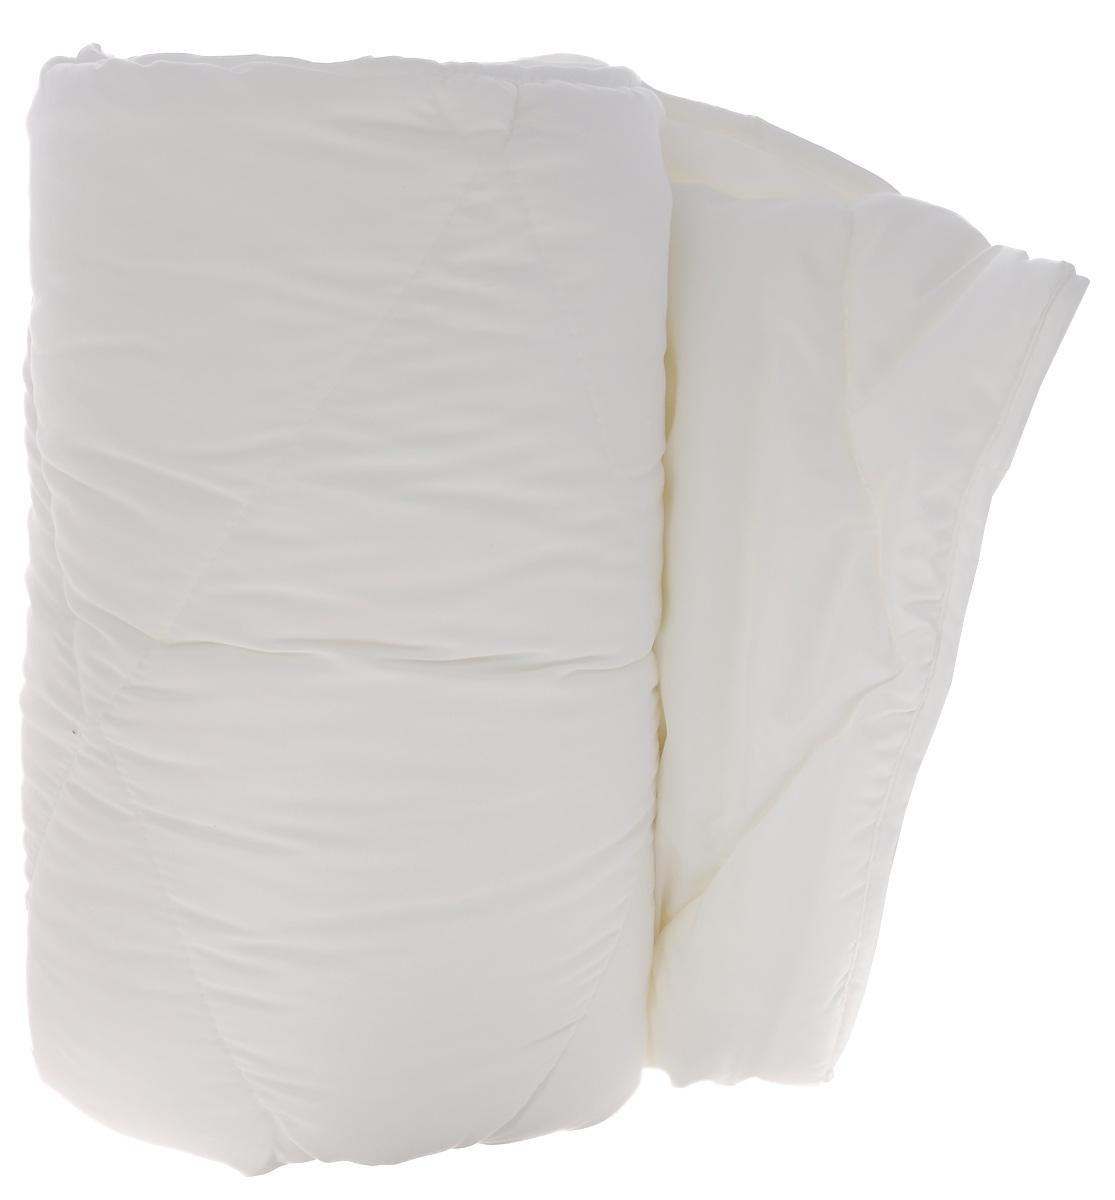 Одеяло Dargez Бомбей, легкое, наполнитель: бамбуковое волокно, цвет: белый, 140 см х 205 см98520745Одеяло Dargez Бомбей подарит комфорт и уют во время сна. Чехол одеяла, выполненный из микрофибры, оформлен фигурной стежкой, которая надежно удерживает наполнитель внутри. Волокно на основе бамбука - инновационный наполнитель, обладающий за счет своей пористой структуры хорошей воздухонепроницаемостью и высокой гигроскопичностью, обеспечивает оптимальный уровень влажности во время сна и создает чувство прохлады в жаркие дни. Антибактериальный эффект наполнителя достигается за счет содержания в нем специального компонента, а также за счет поглощения влаги, что создает сухой микроклимат, препятствующий росту бактерий. Основные свойства волокна: - хорошая терморегуляция, - свободная циркуляция воздуха, - антибактериальные свойства, - повышенная гигроскопичность, - мягкость и легкость, - удобство в эксплуатации и легкость стирки. Рекомендации по уходу: - Стирка при температуре не более 40°С. - Запрещается отбеливать, гладить.- Можно выжимать и сушить в стиральной машине.